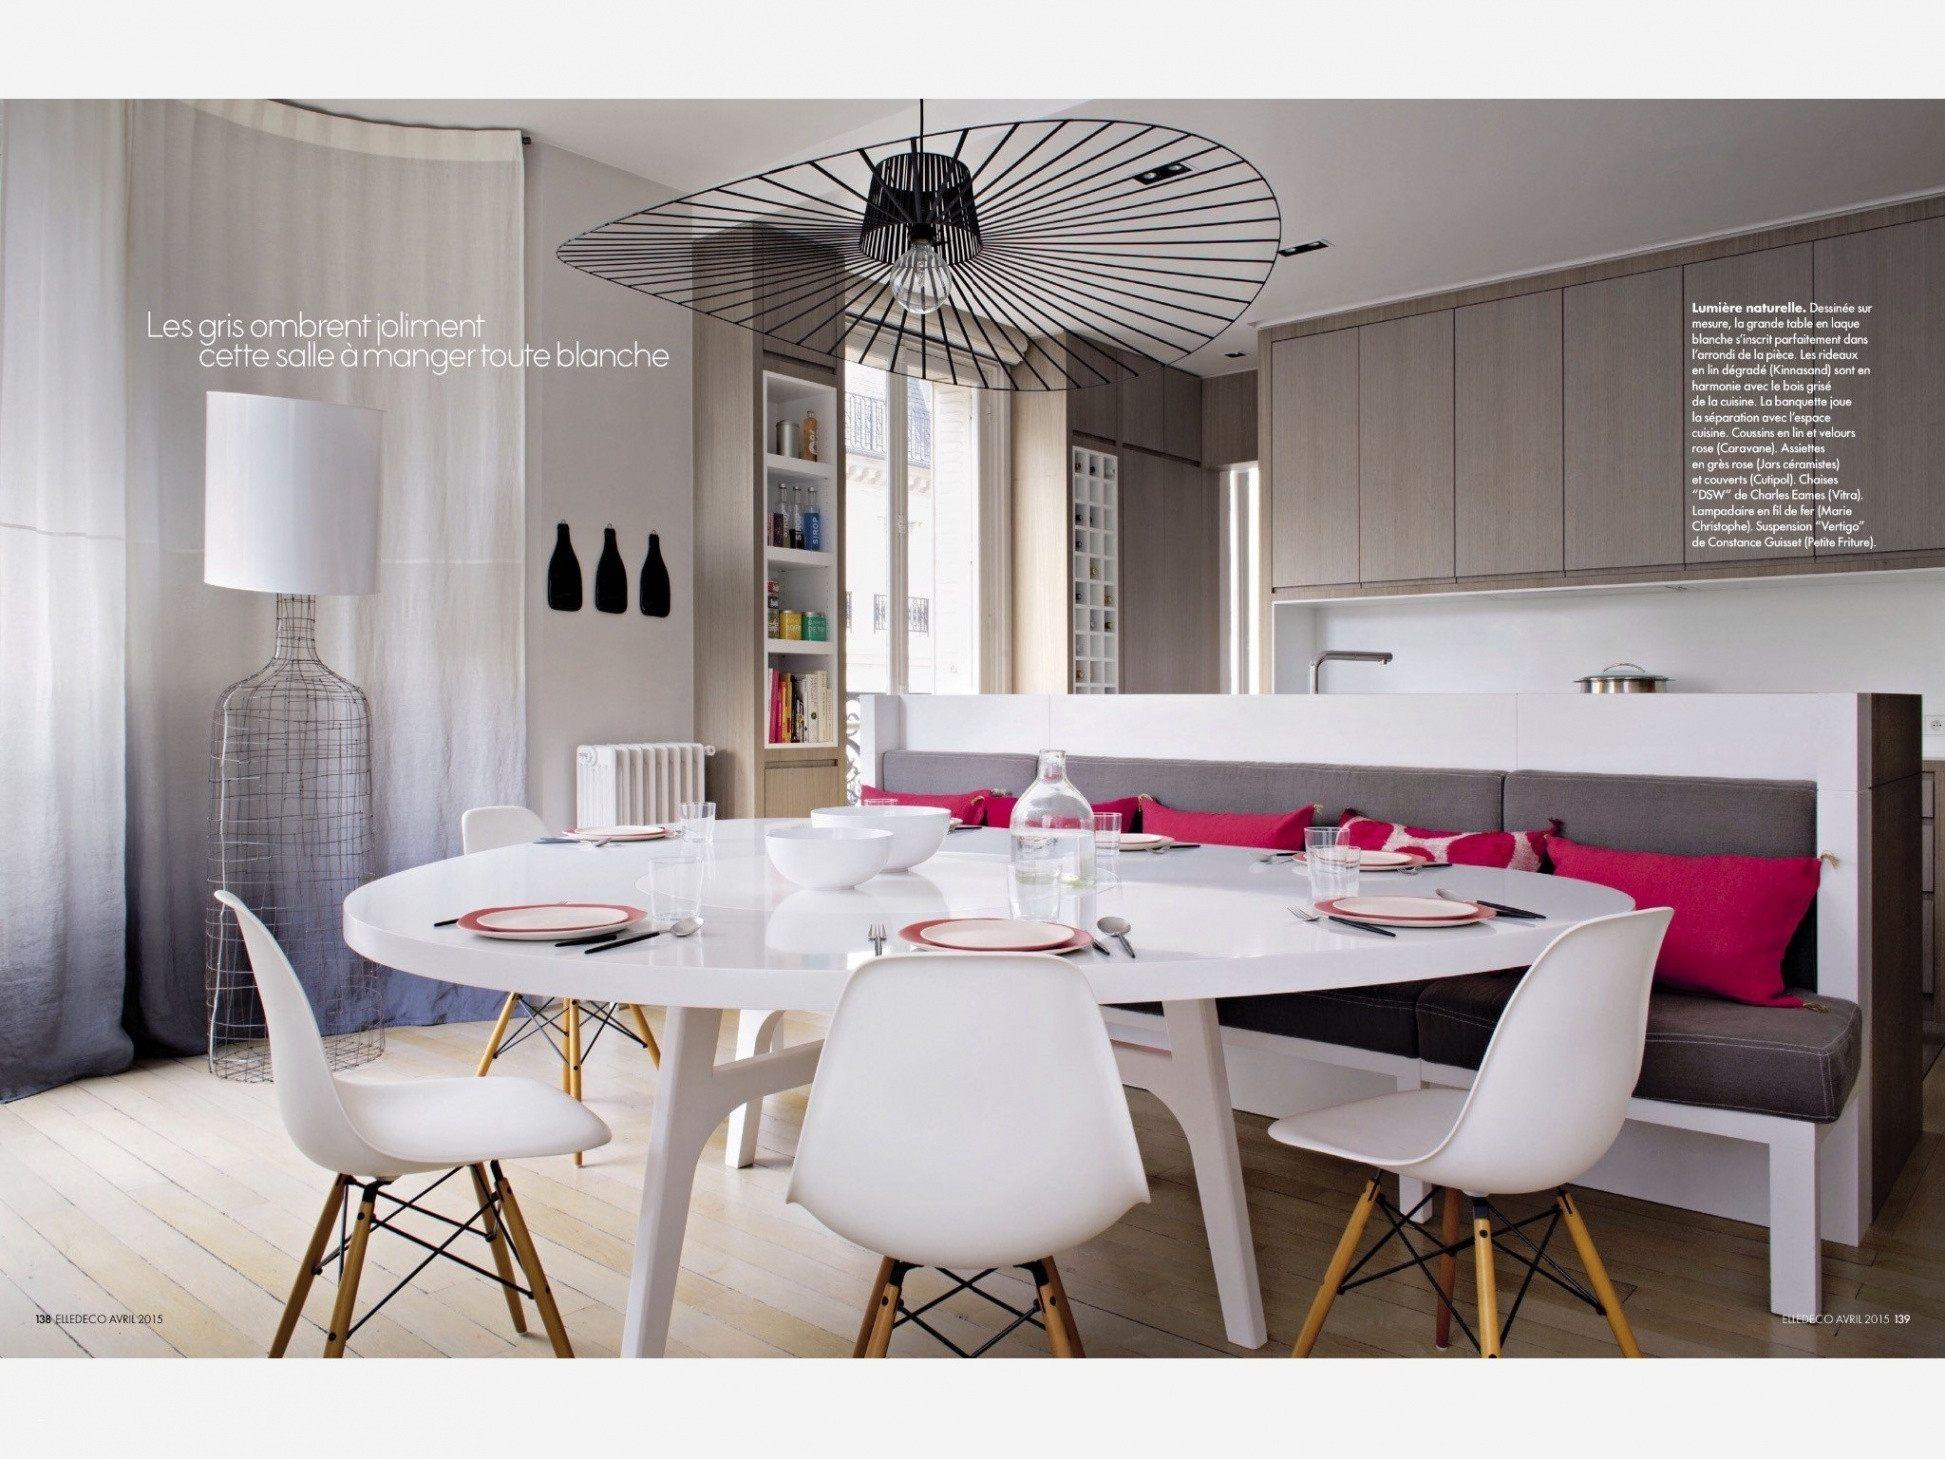 Lit Coffre Design Magnifique Nouveau Lit Coffre Alinea élégant Table Haute Jardin Alinea Chaise